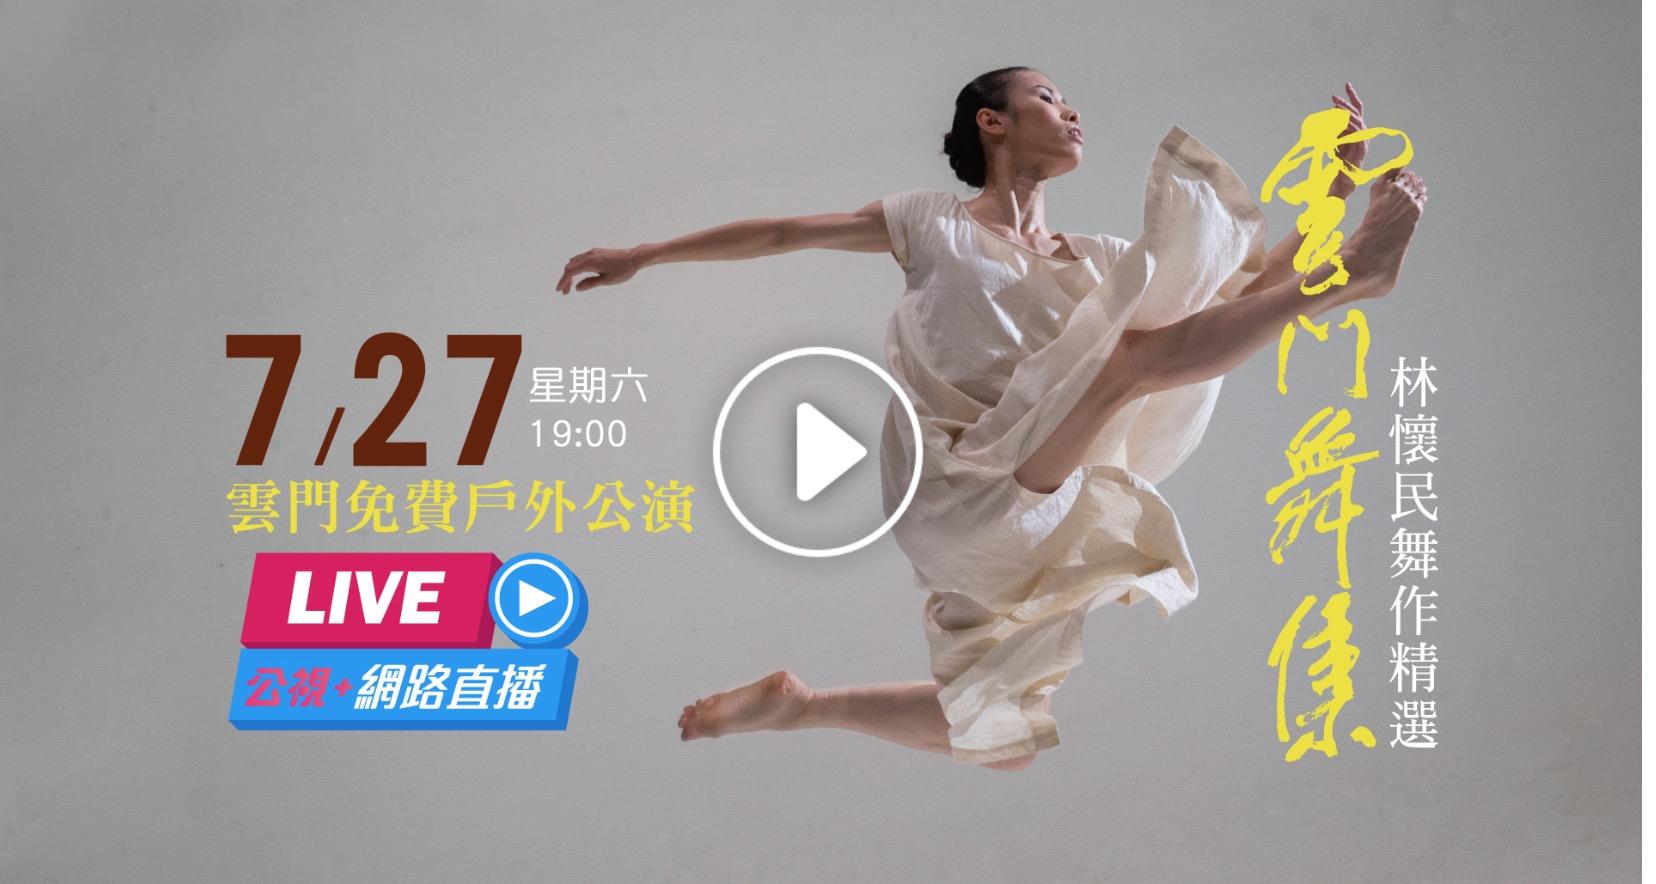 雲門舞集戶外公演直播線上免費看這裡:公視+ 準時播出